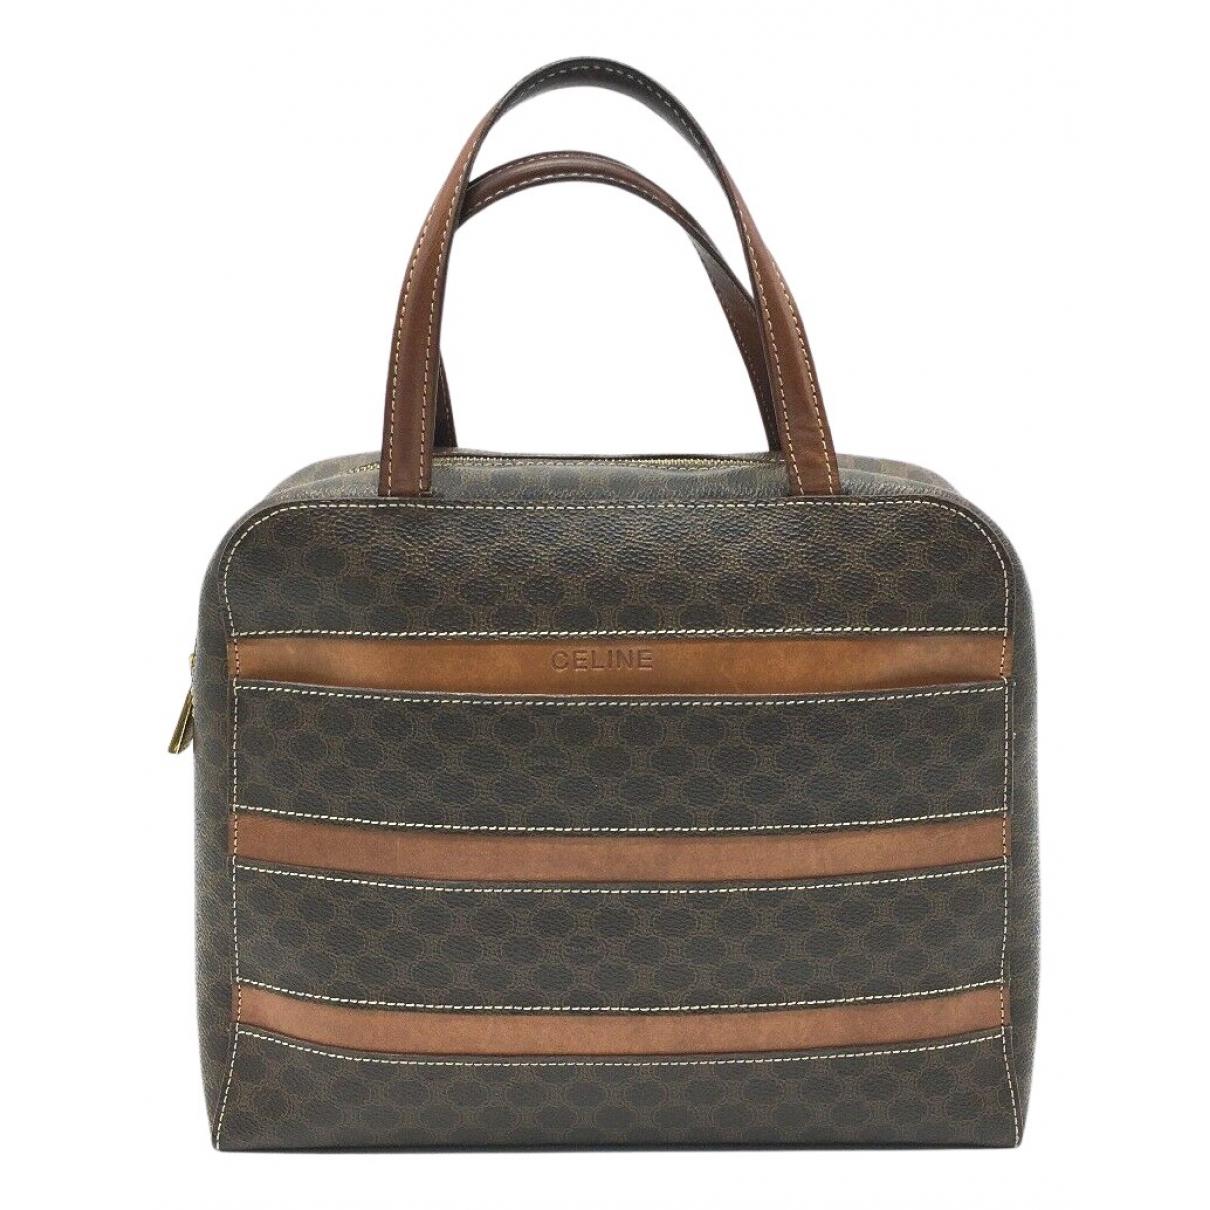 Celine \N Handtasche in  Braun Leinen